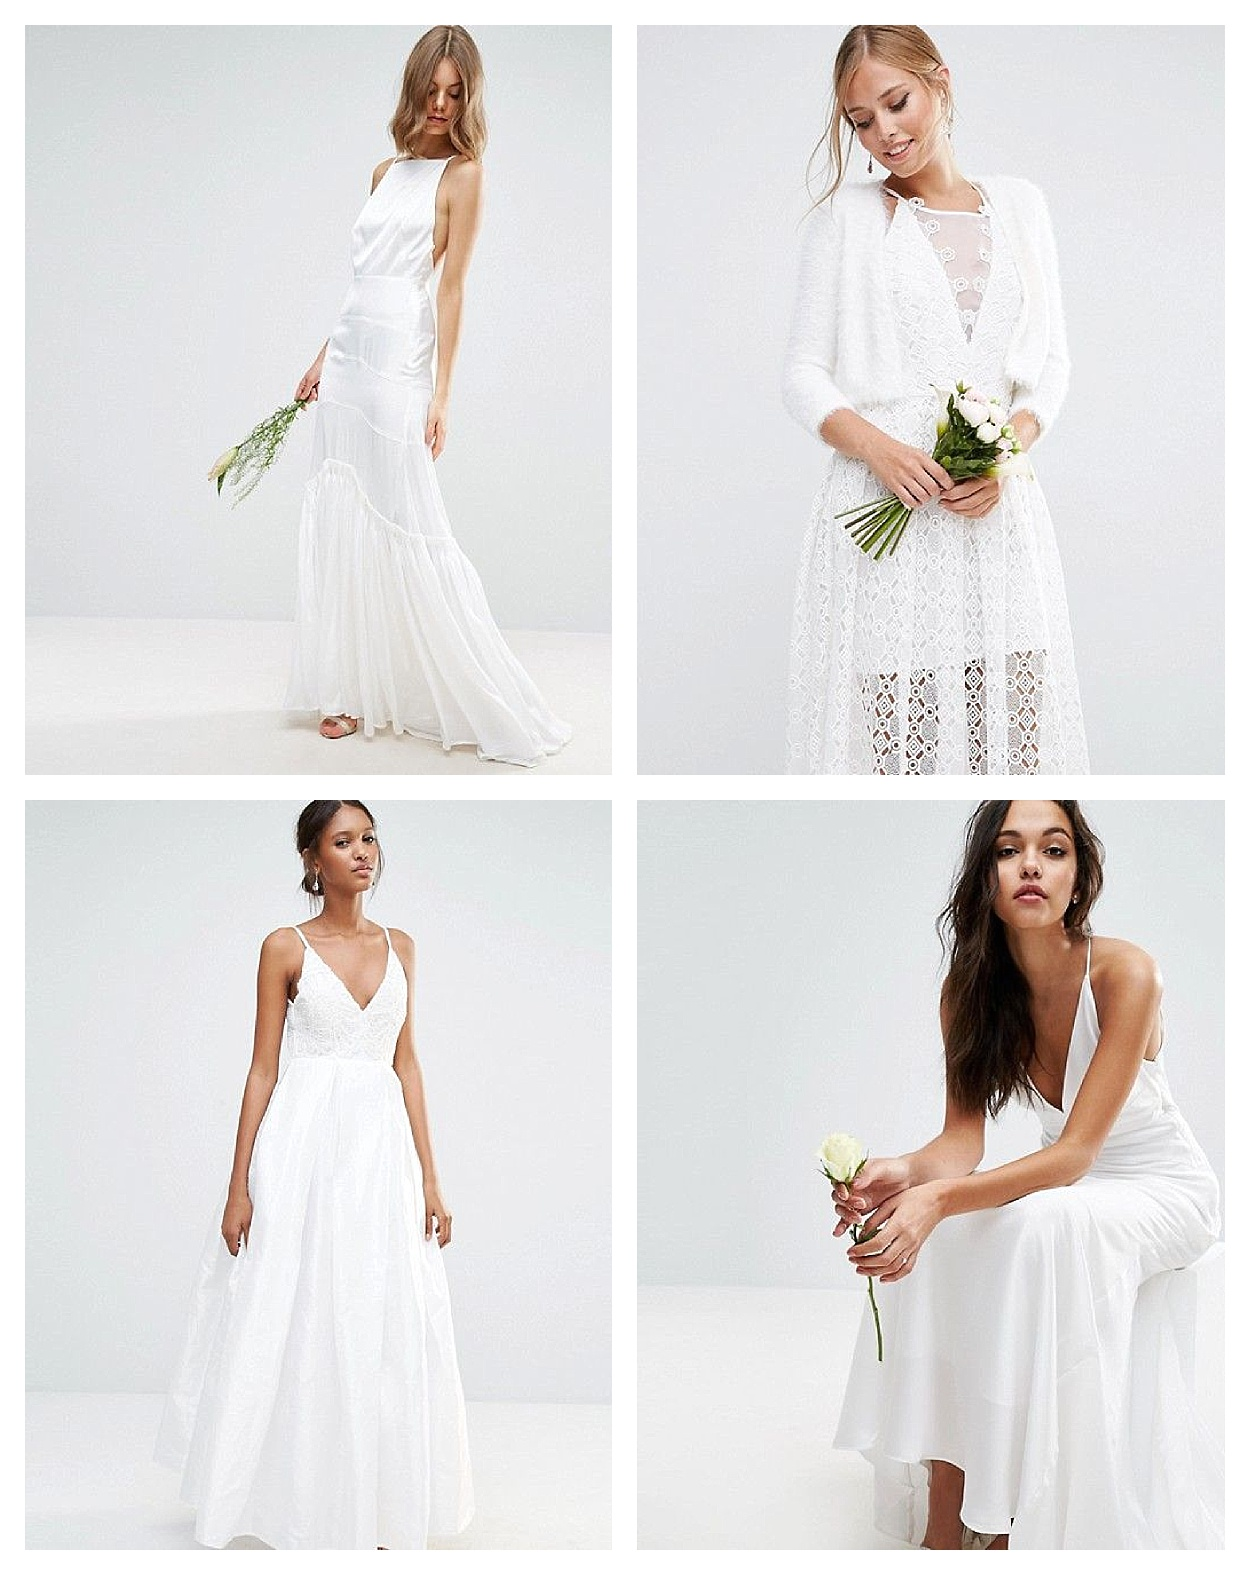 Coole Brautkleider Fur Das Standesamt Oder Boho Hochzeit